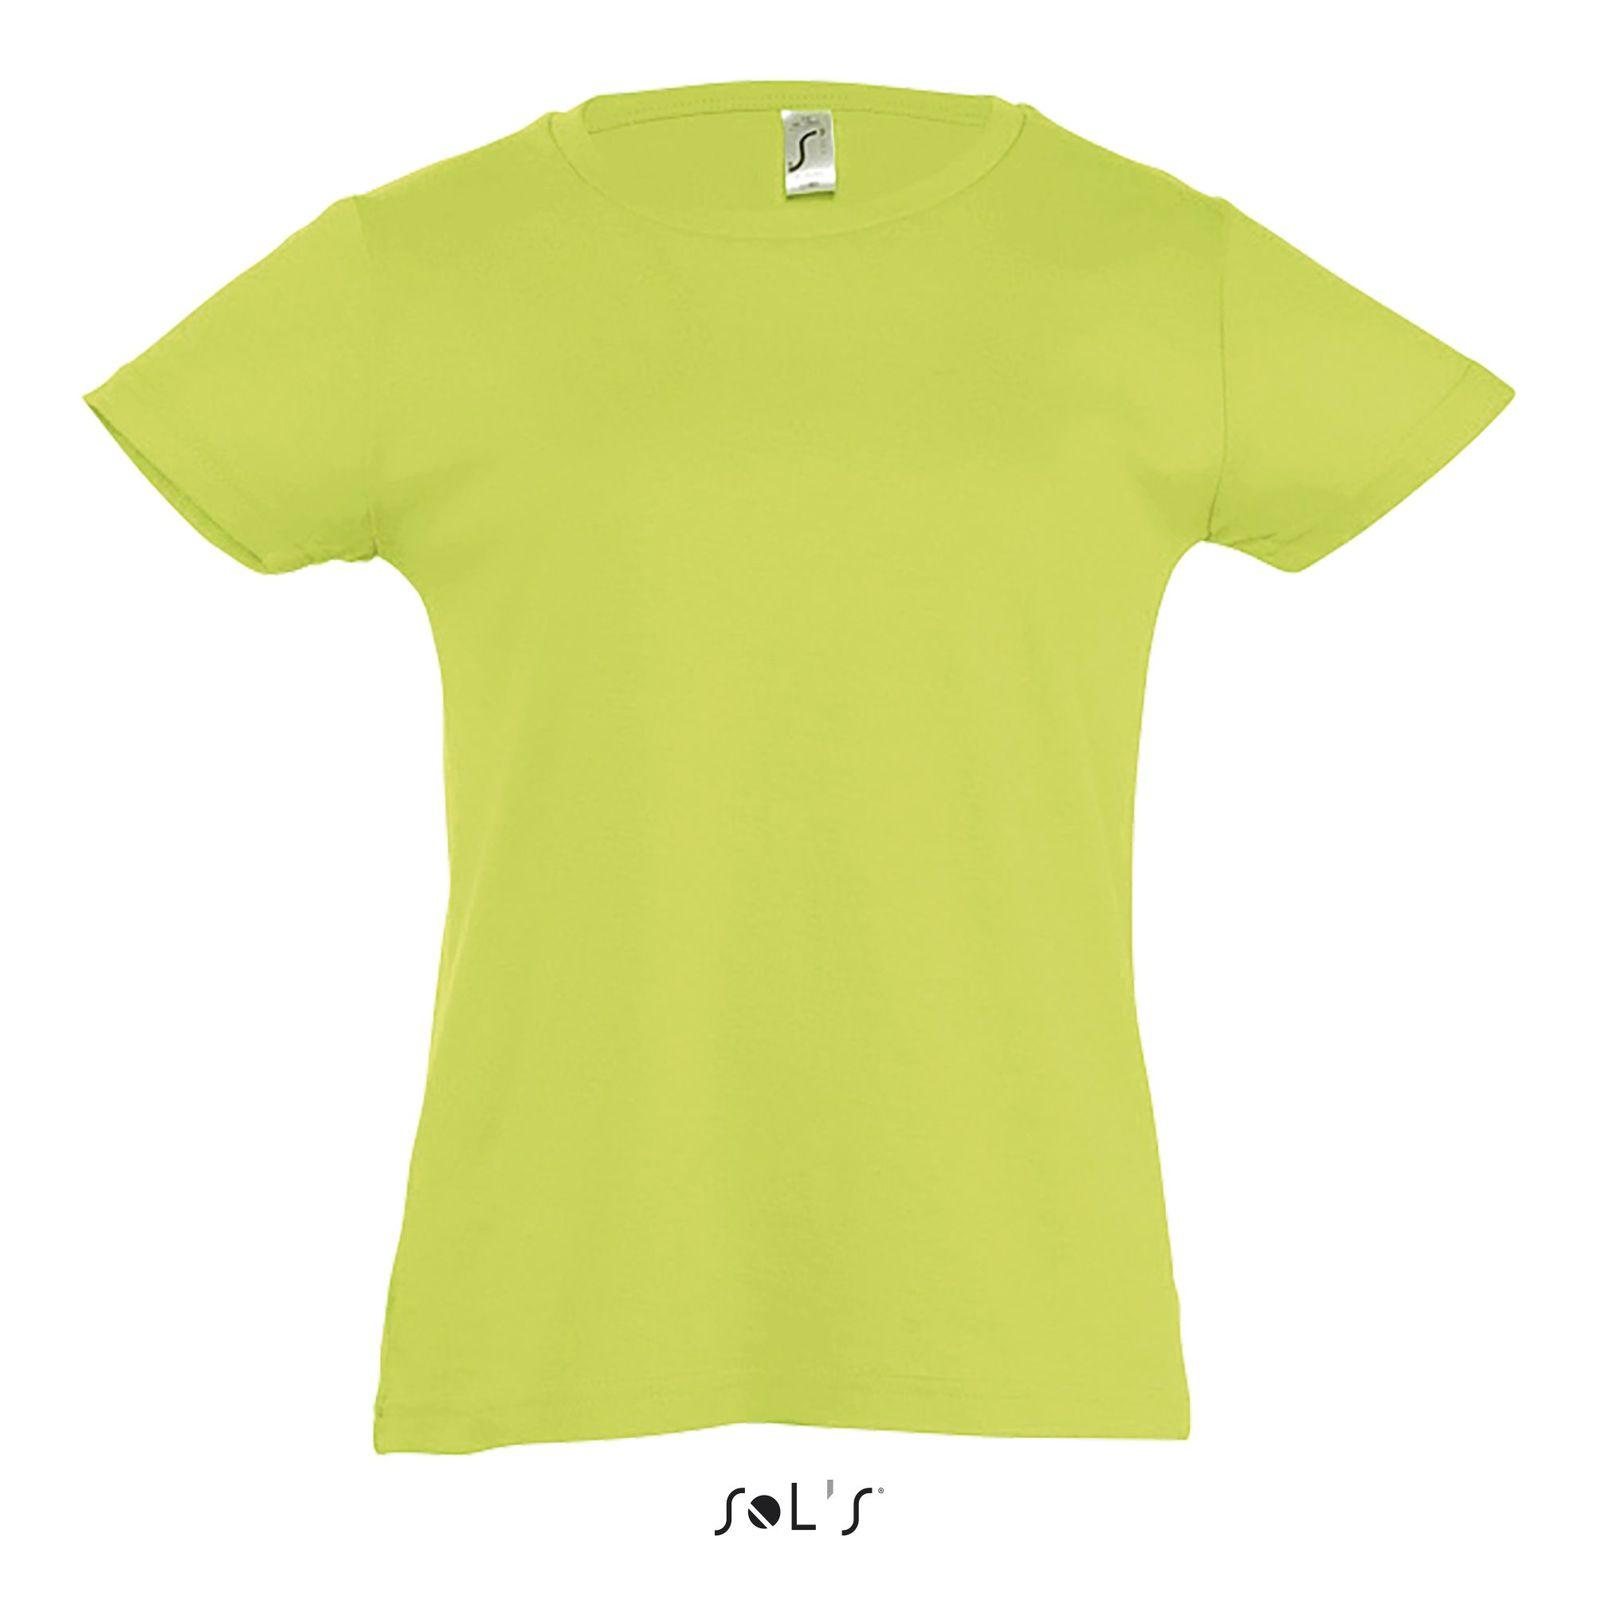 de26765feece0 Tee-shirt Publicitaire Fillette